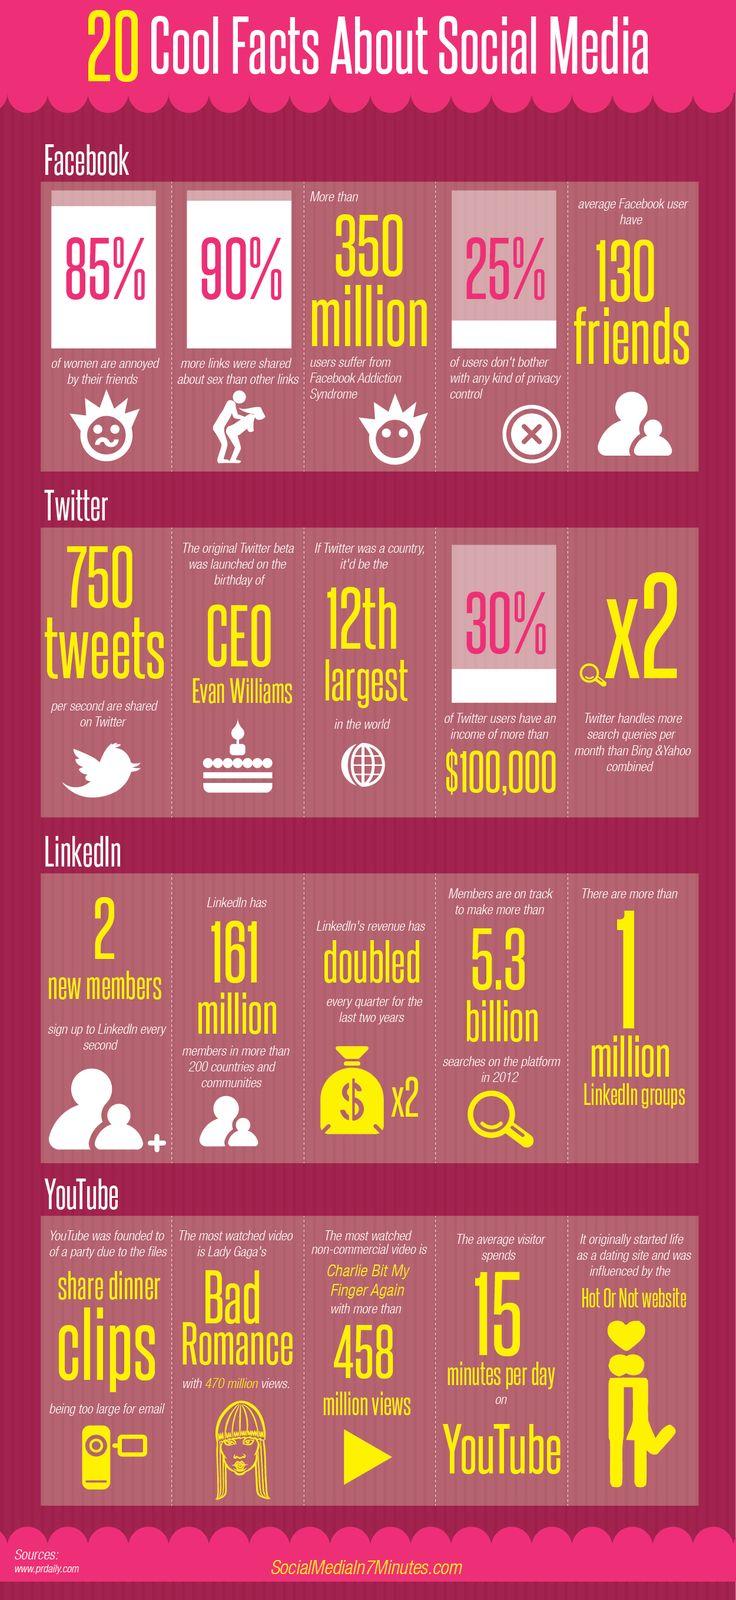 20 roliga fakta om sociala medier. Visste du att Twitter hanterar fler sökfrågor än Bing och Yahoo tillsammans!